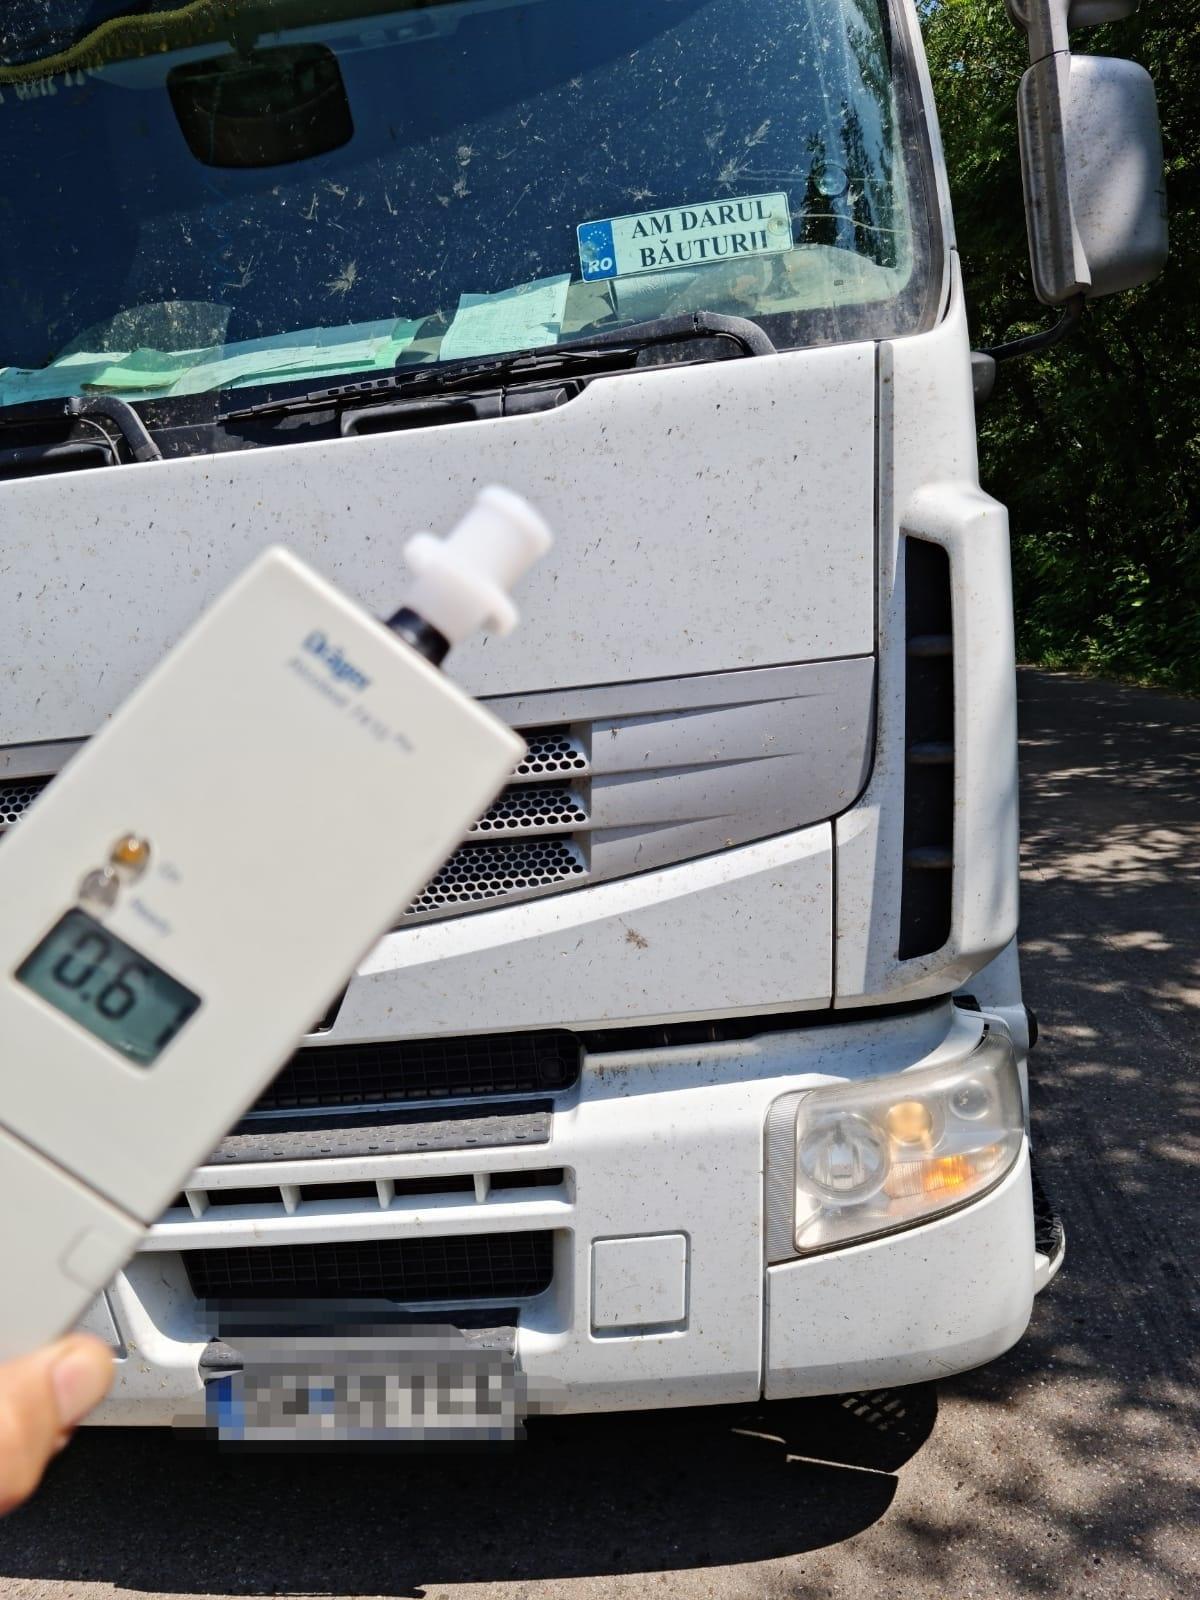 """Polițiștii din Timiș au tras pe dreapta un șofer de TIR cu o plăcuță """"Am darul băuturii"""" în parbriz. Avea dreptate"""